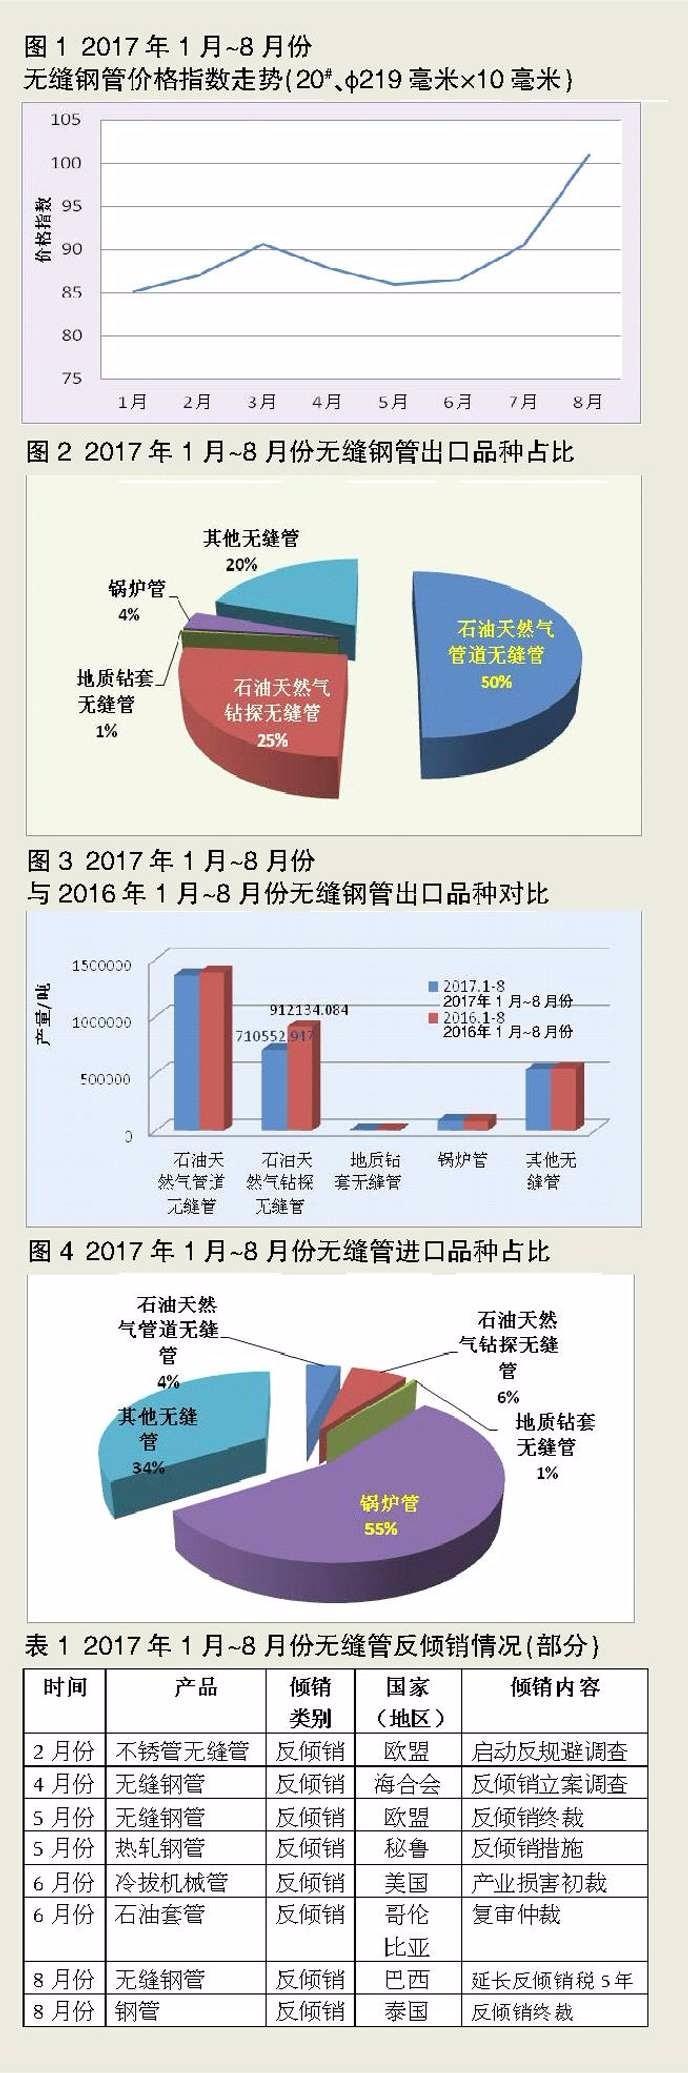 2017年1月-8月份无缝钢管行业形势分析